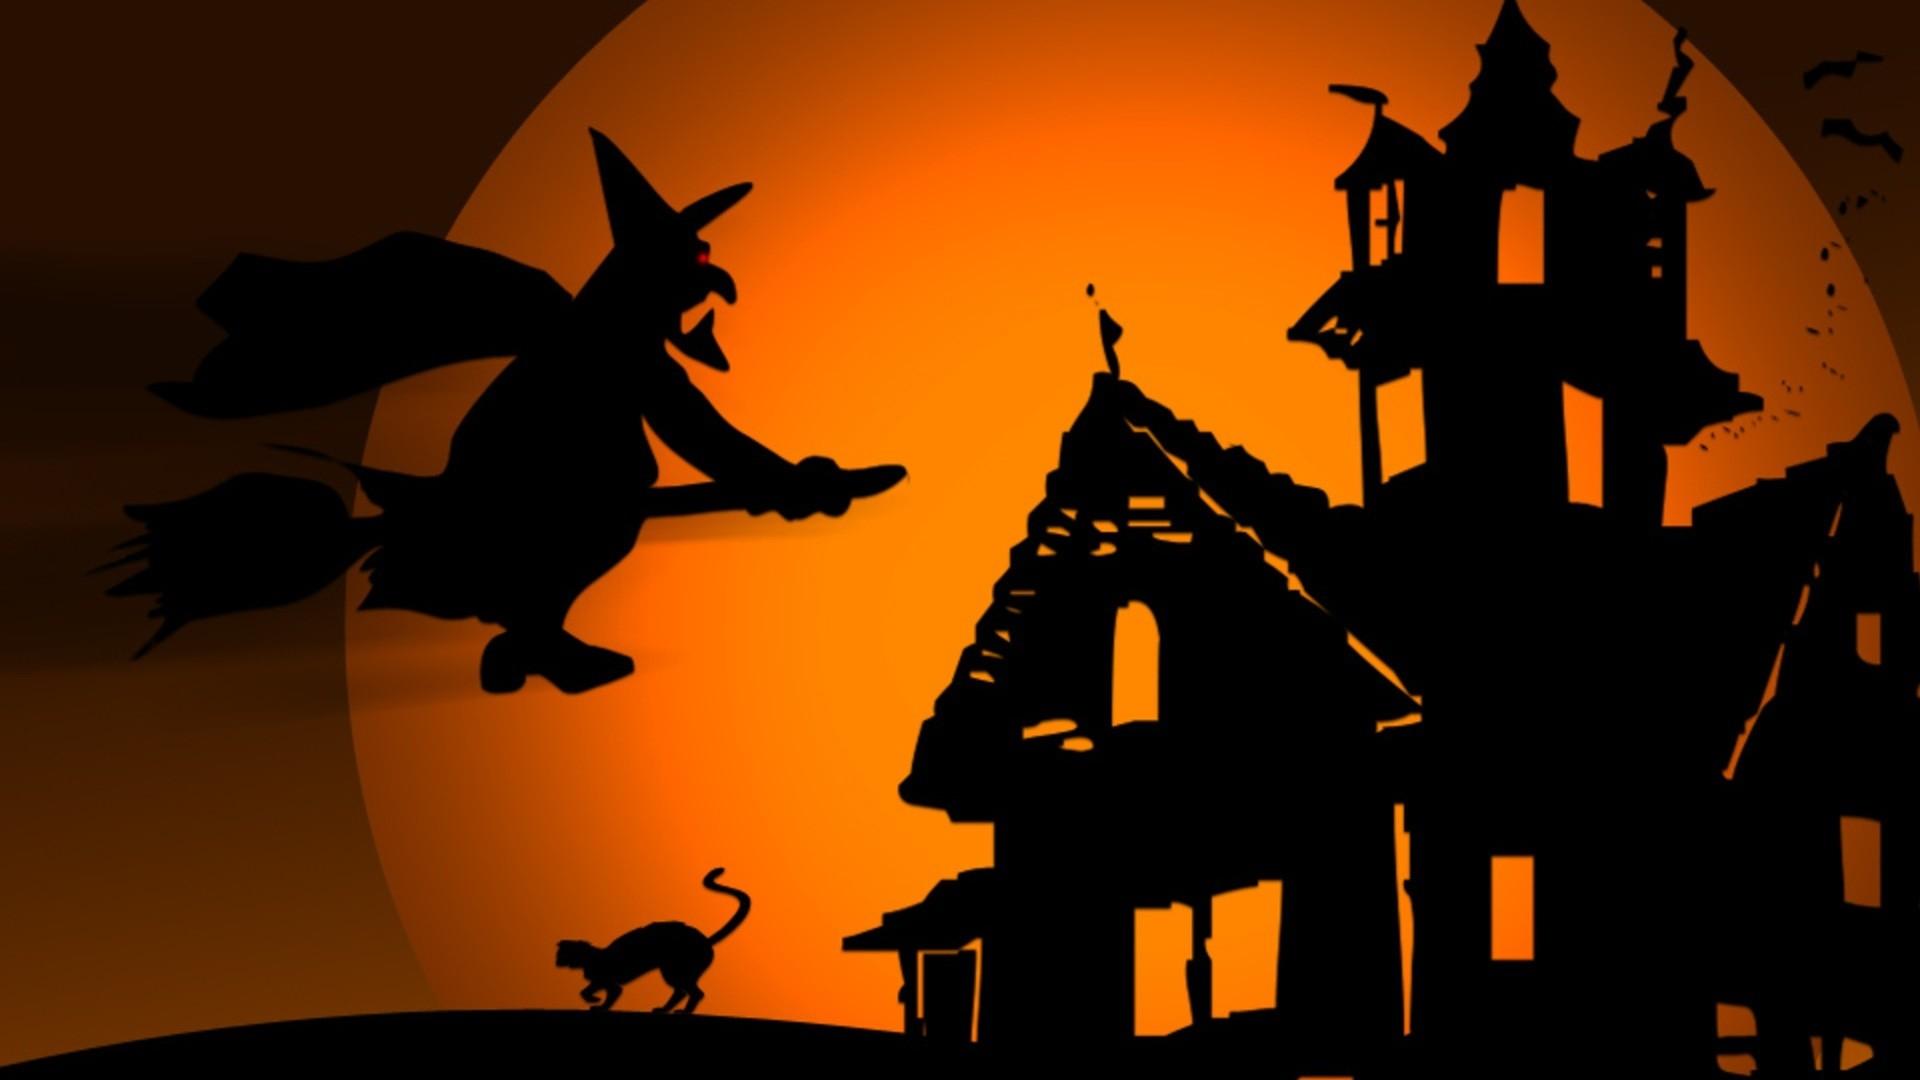 Halloween Wallpaper Desktop 66 images 1920x1080